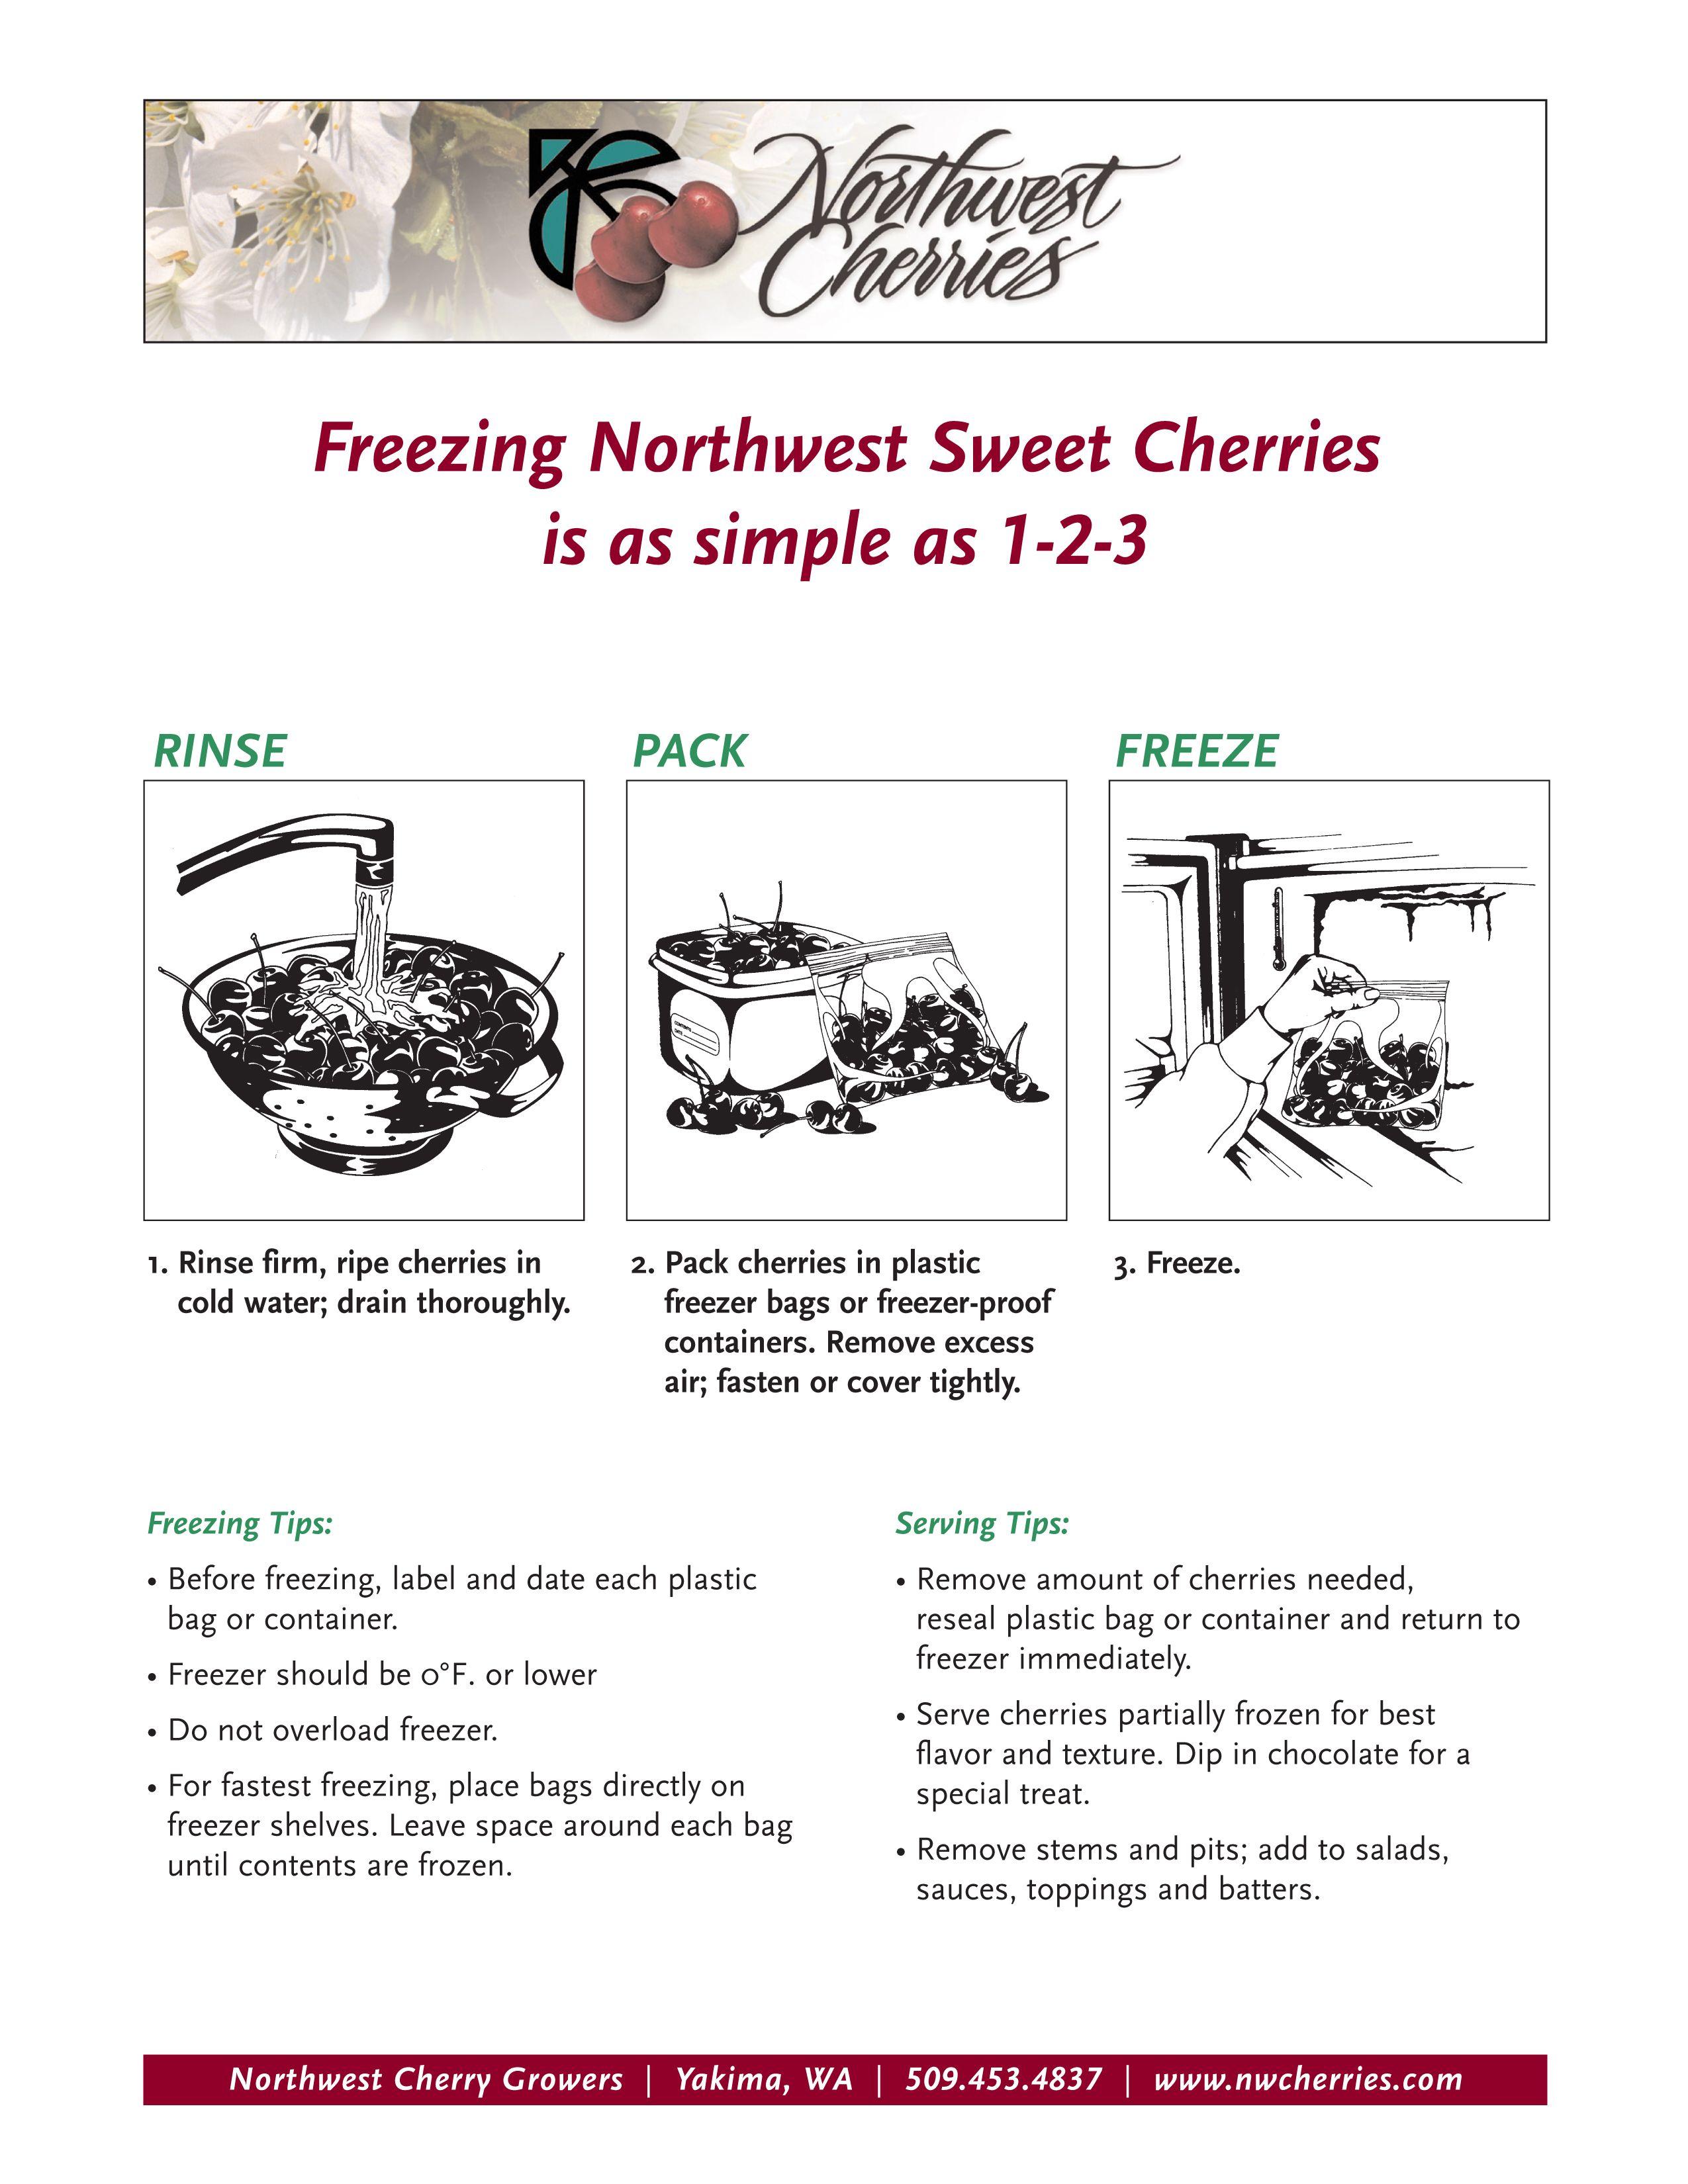 Freezing Northwest Sweet Cherries is as simple as 1-2-3.